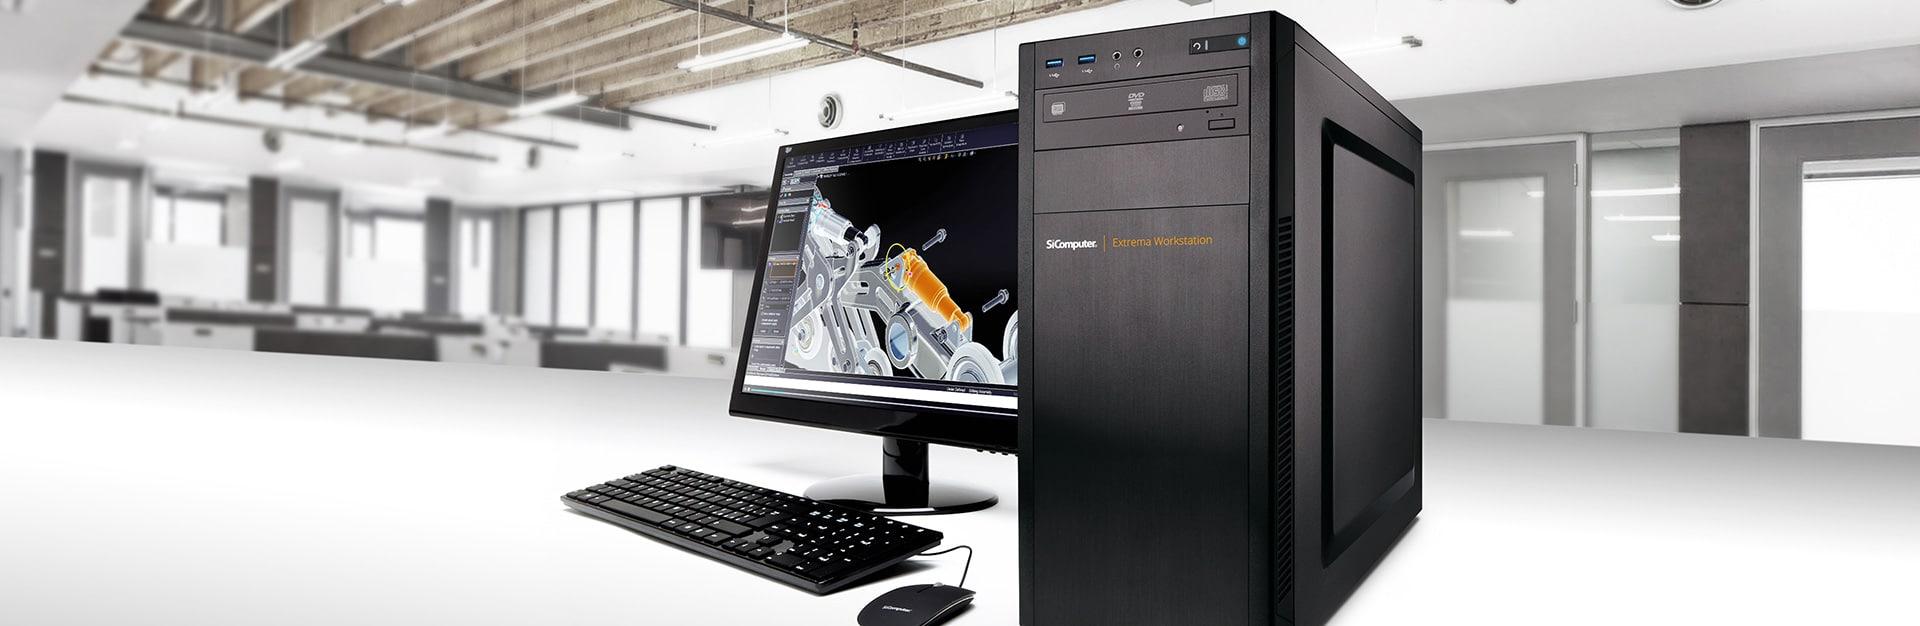 Extremma-Workstation-immagine-sezione